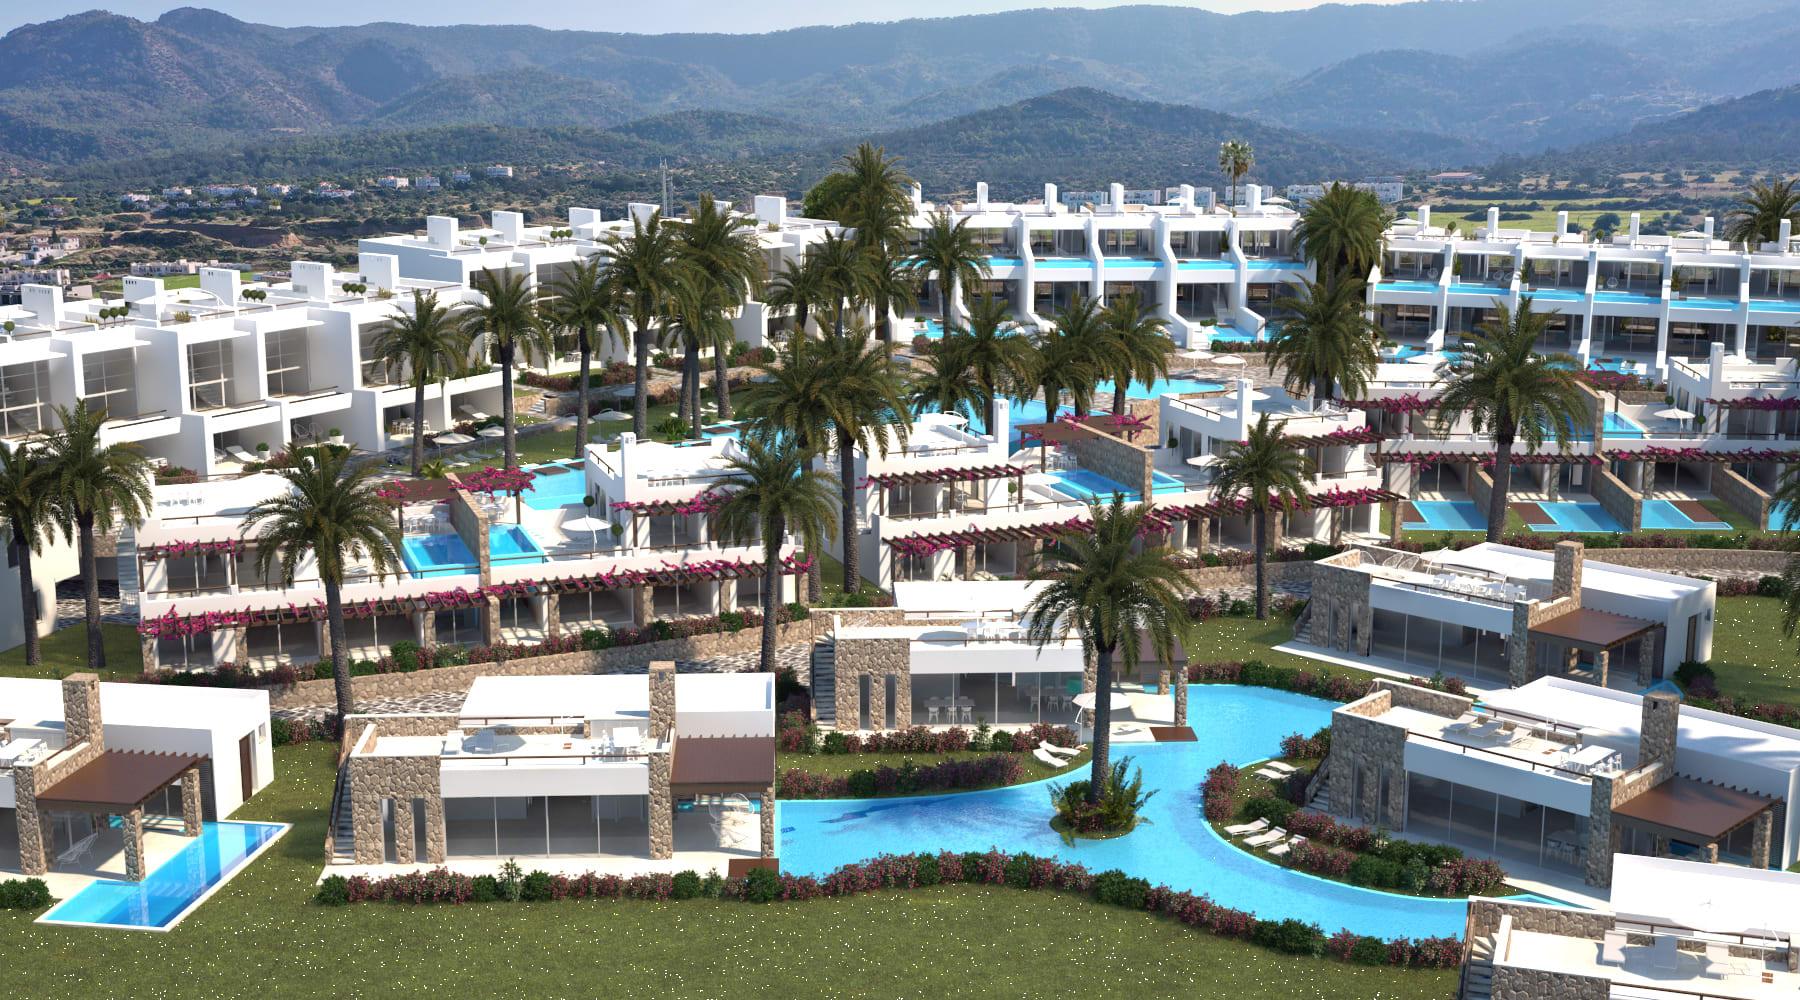 Esentepe'de Marina Üzerinde Satılık 3+1 ve Özel Havuzlu Villalar 8421